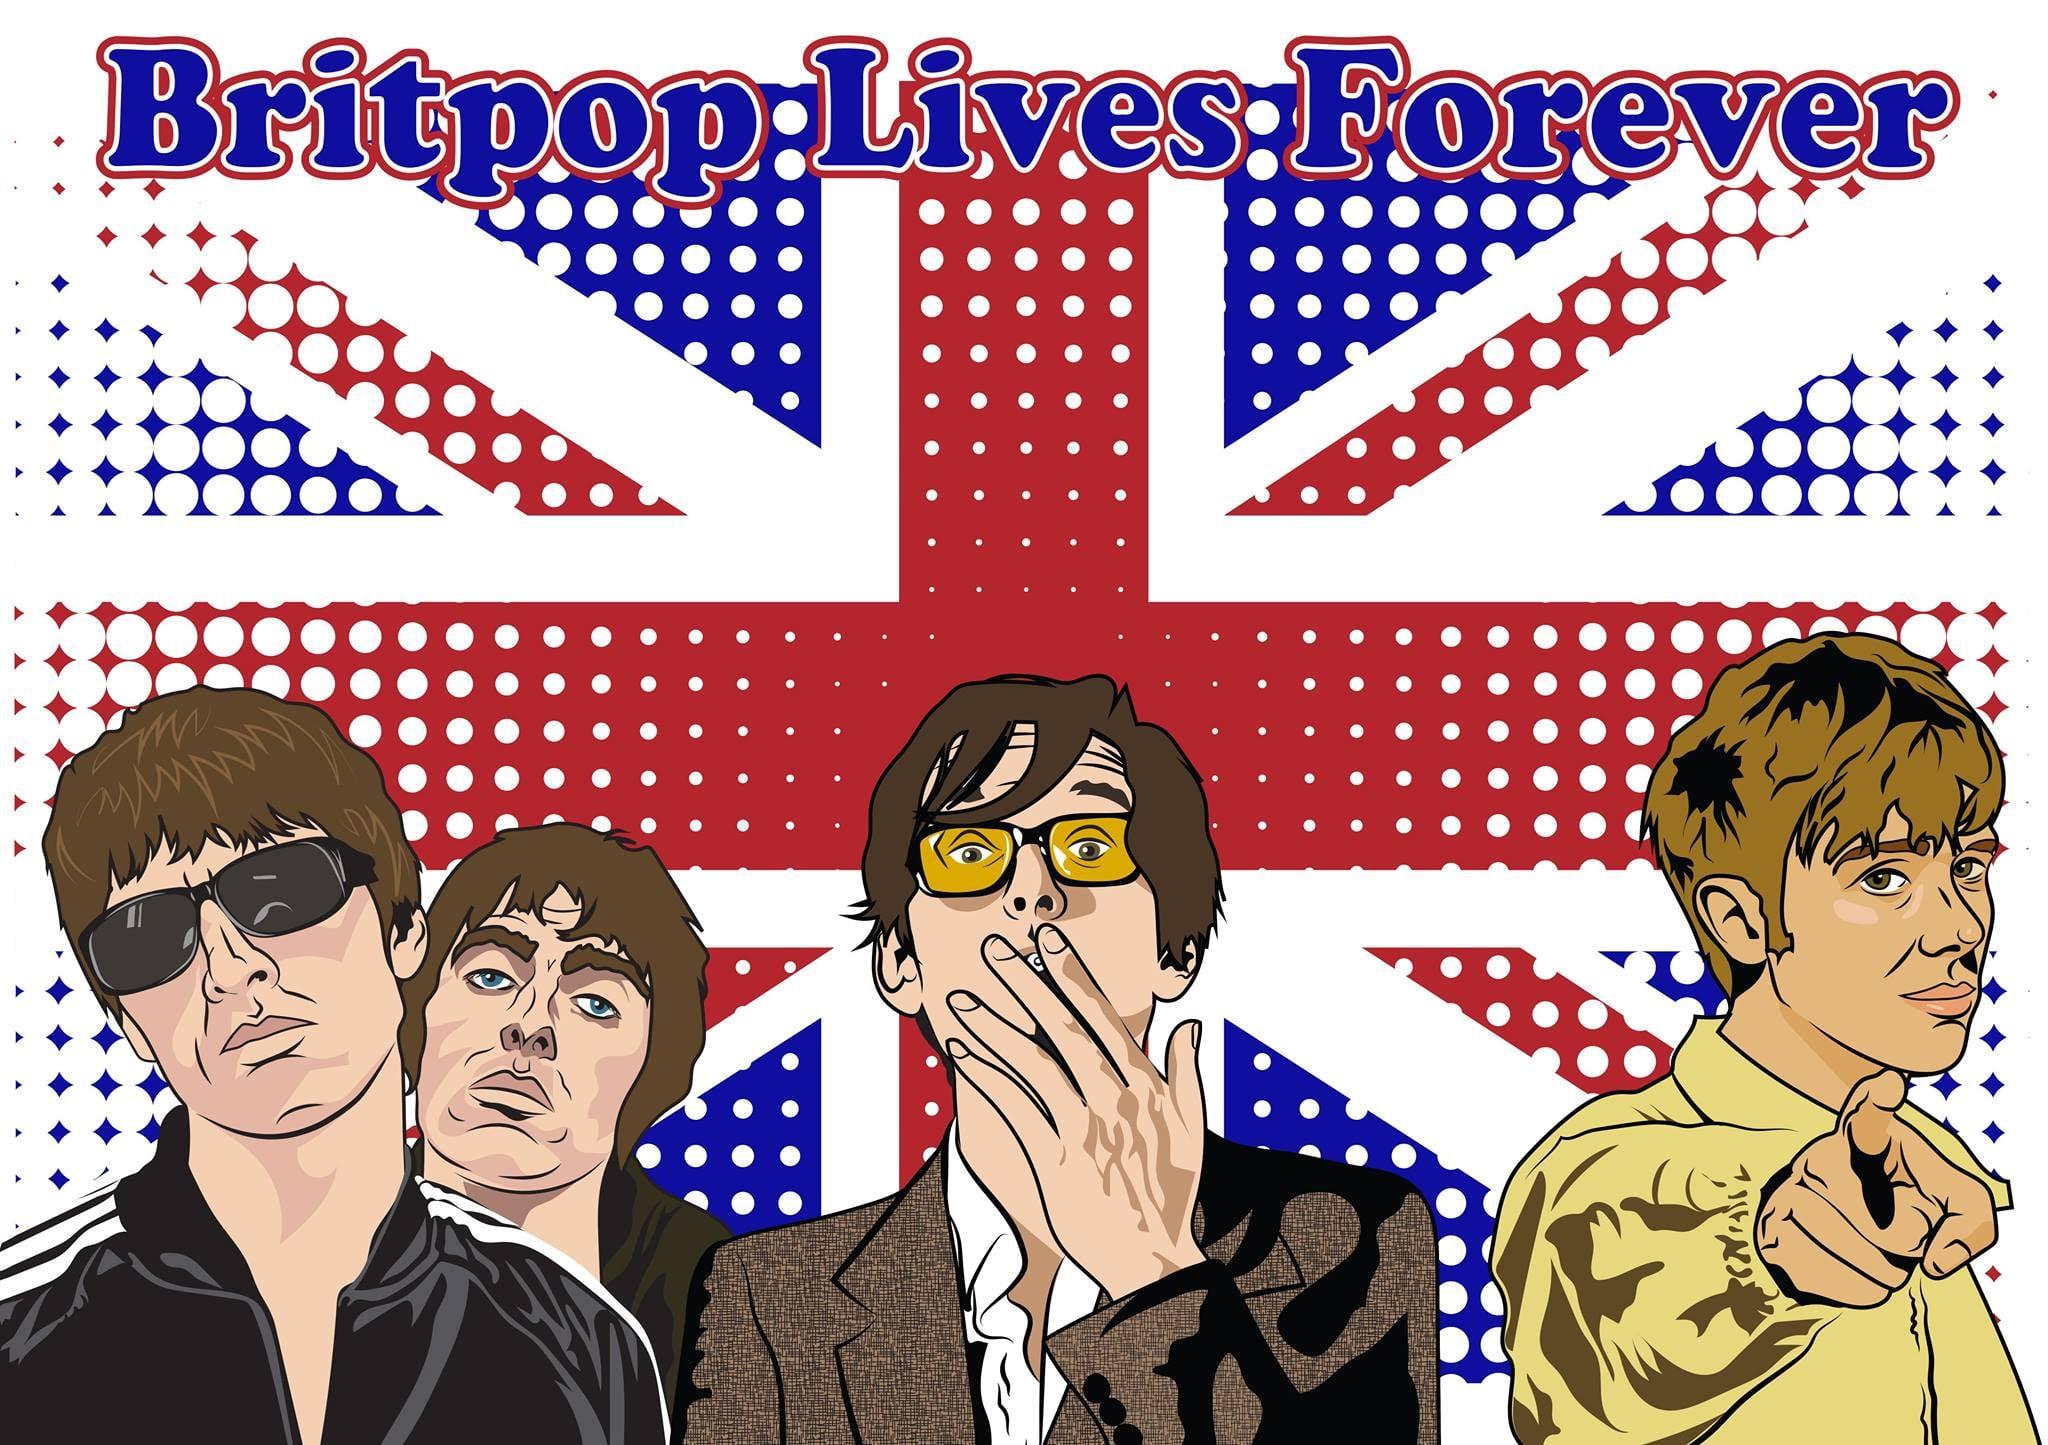 britpop lives forever